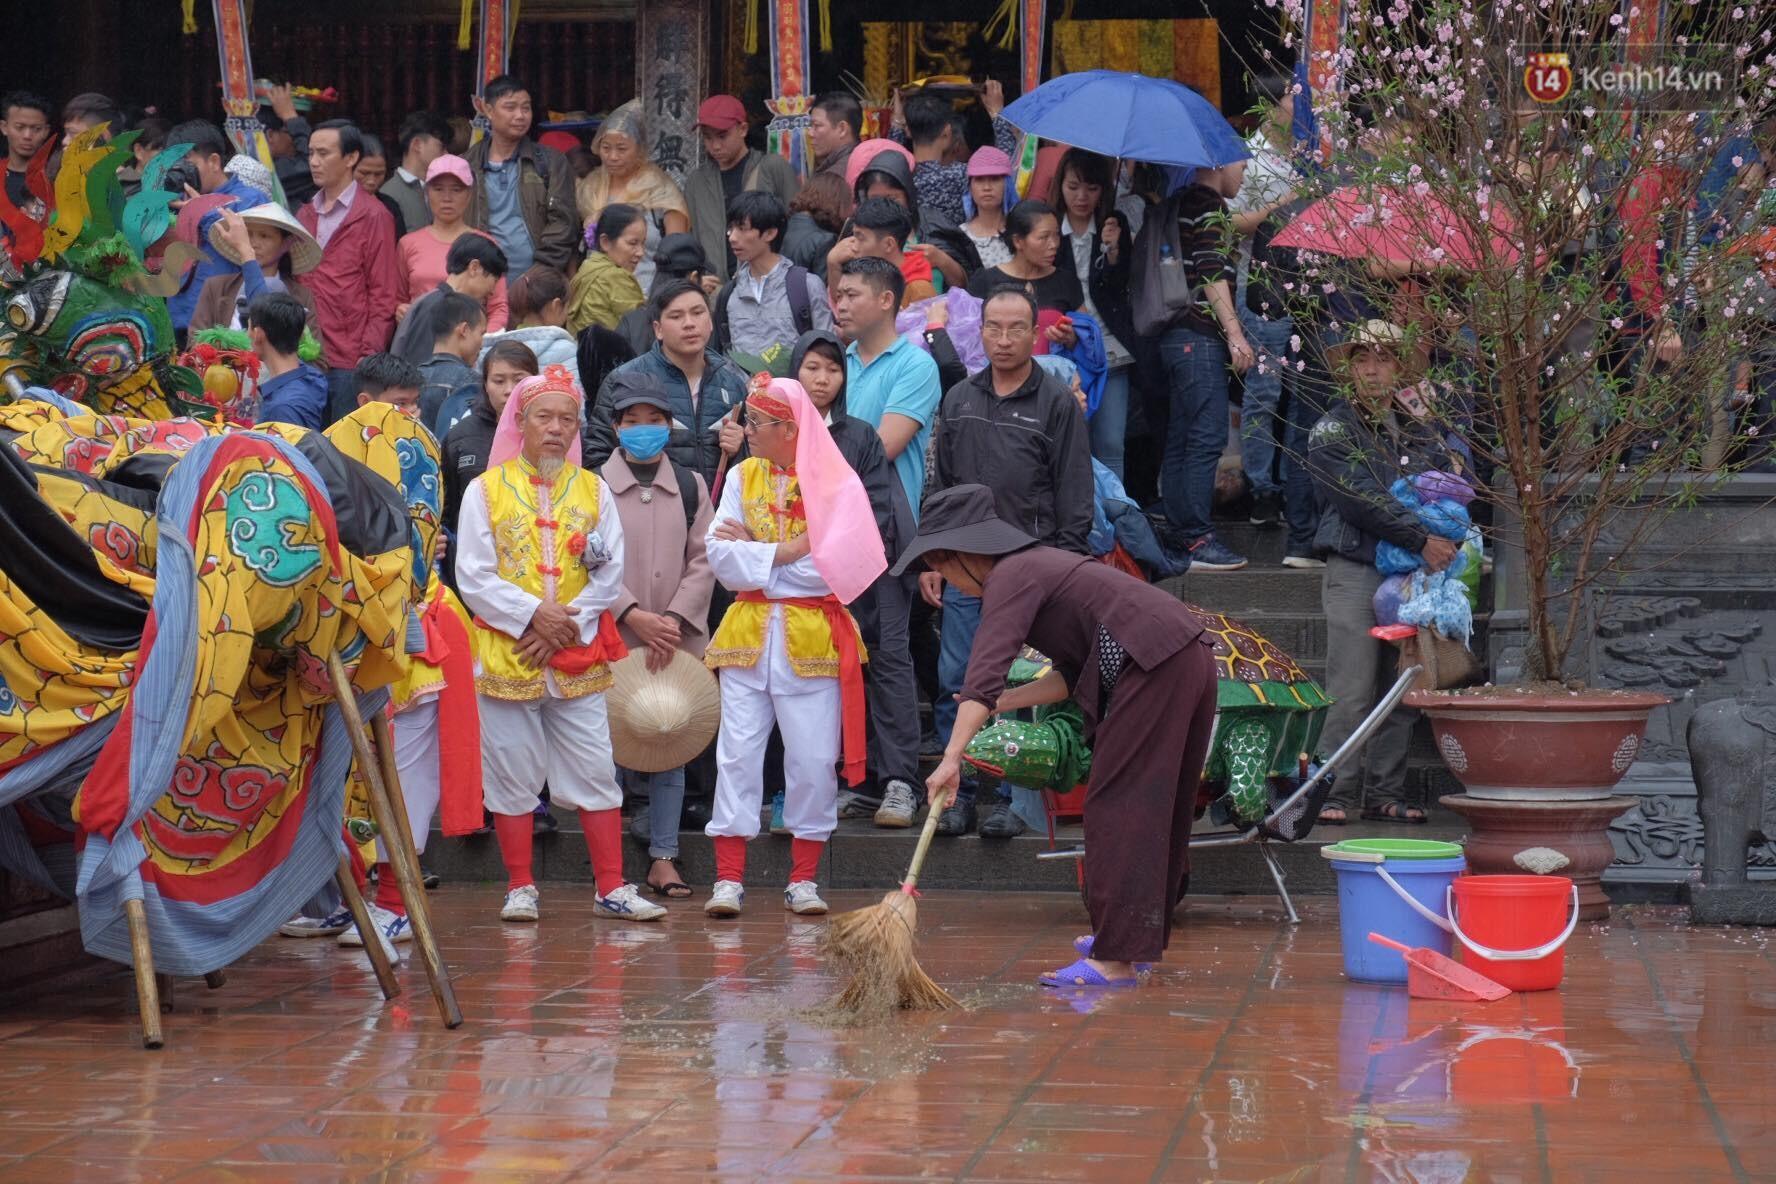 Người dân chen chân hứng nước thánh ở động Hương Tích trong ngày khai hội chùa Hương - Ảnh 5.